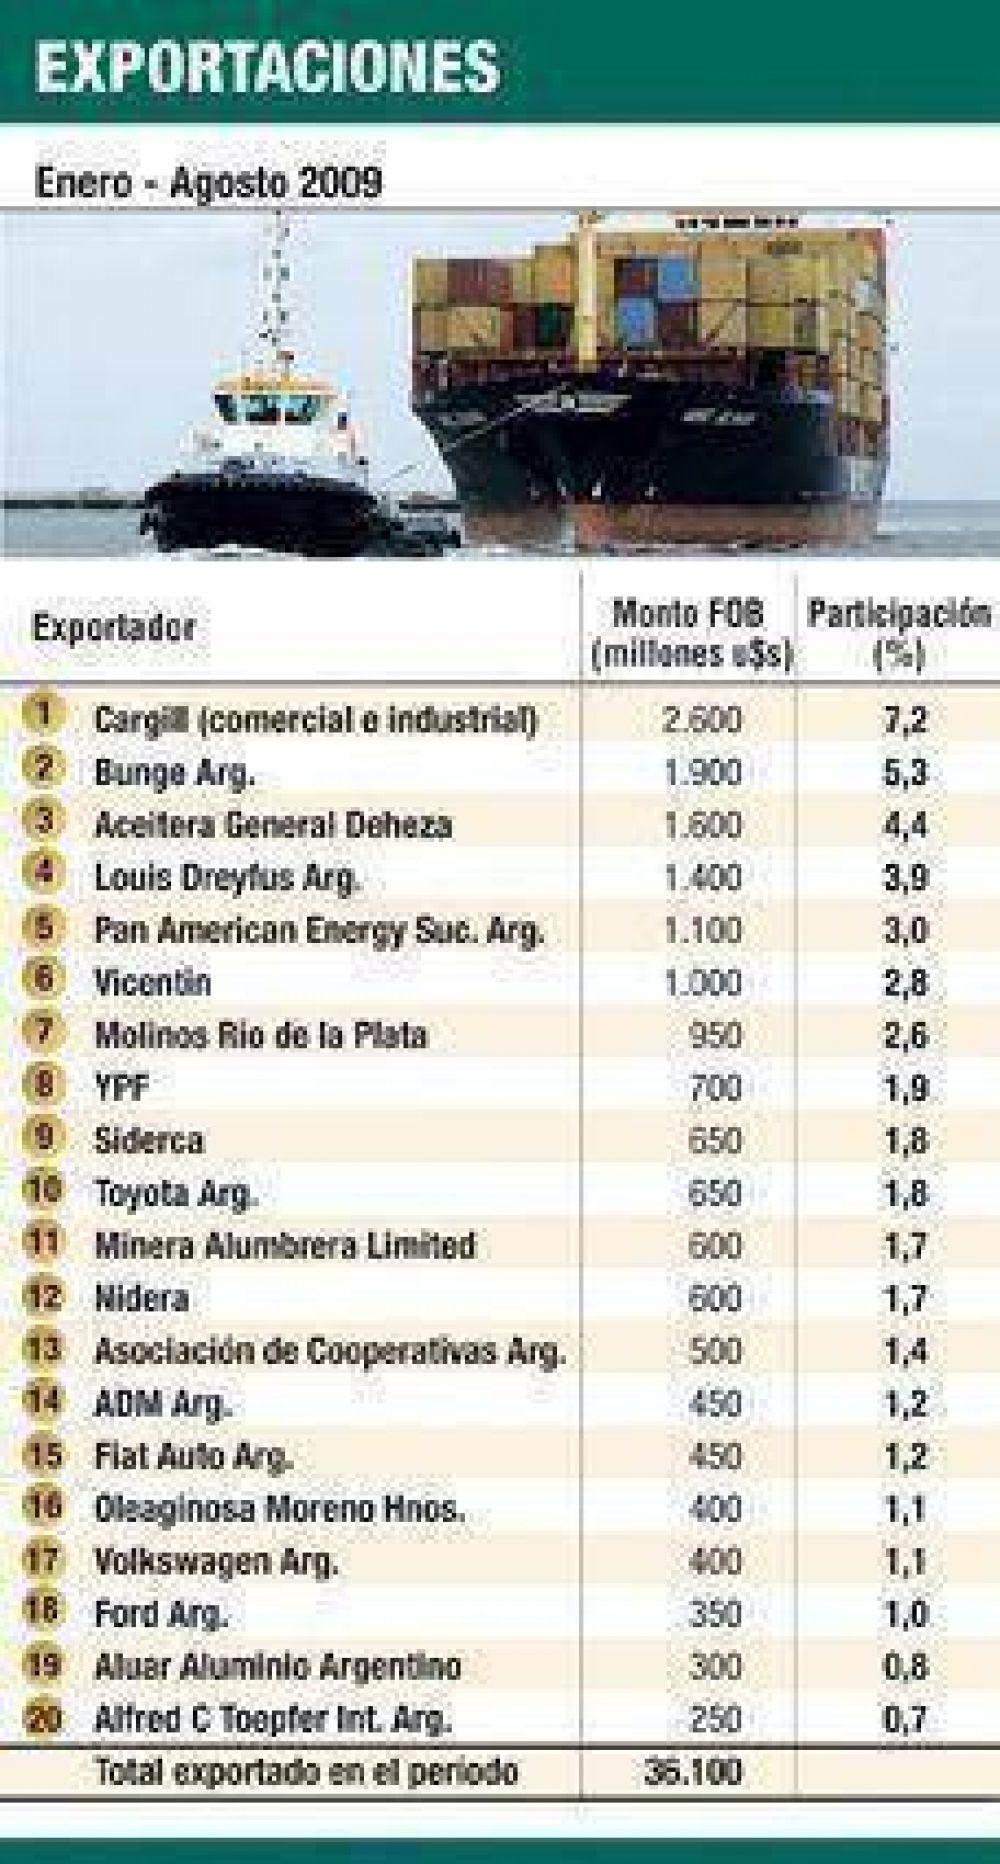 El 50% de las exportaciones en manos de sólo 20 empresas